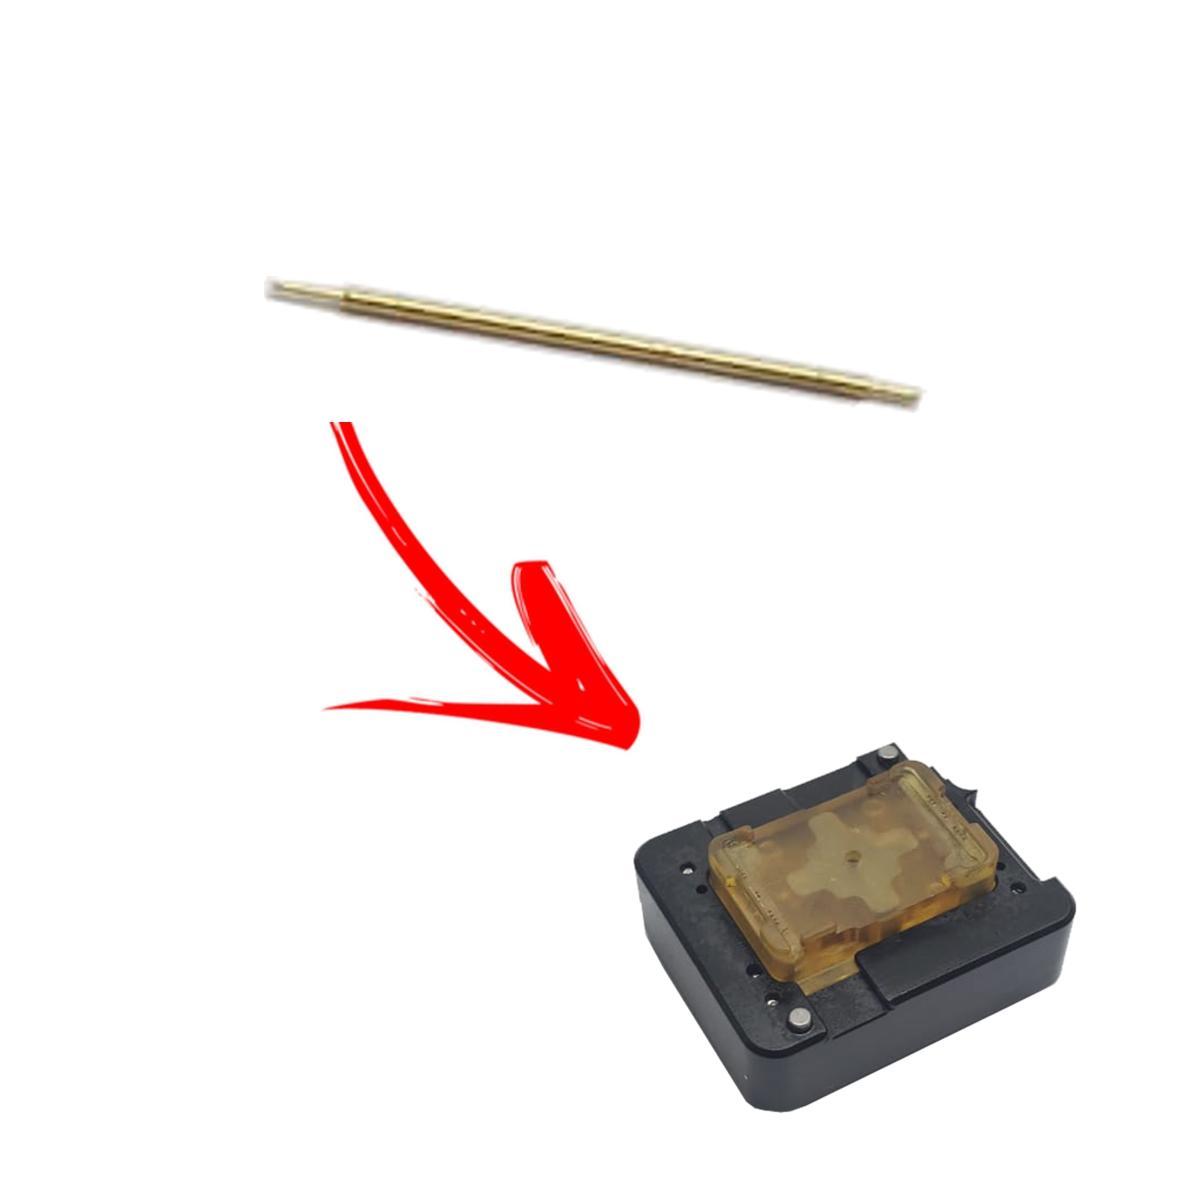 Agulha para Reposição no Suporte de Contato Modelo 2 (Preto/Amarelo) para Gravadora Firmware Jig - Red